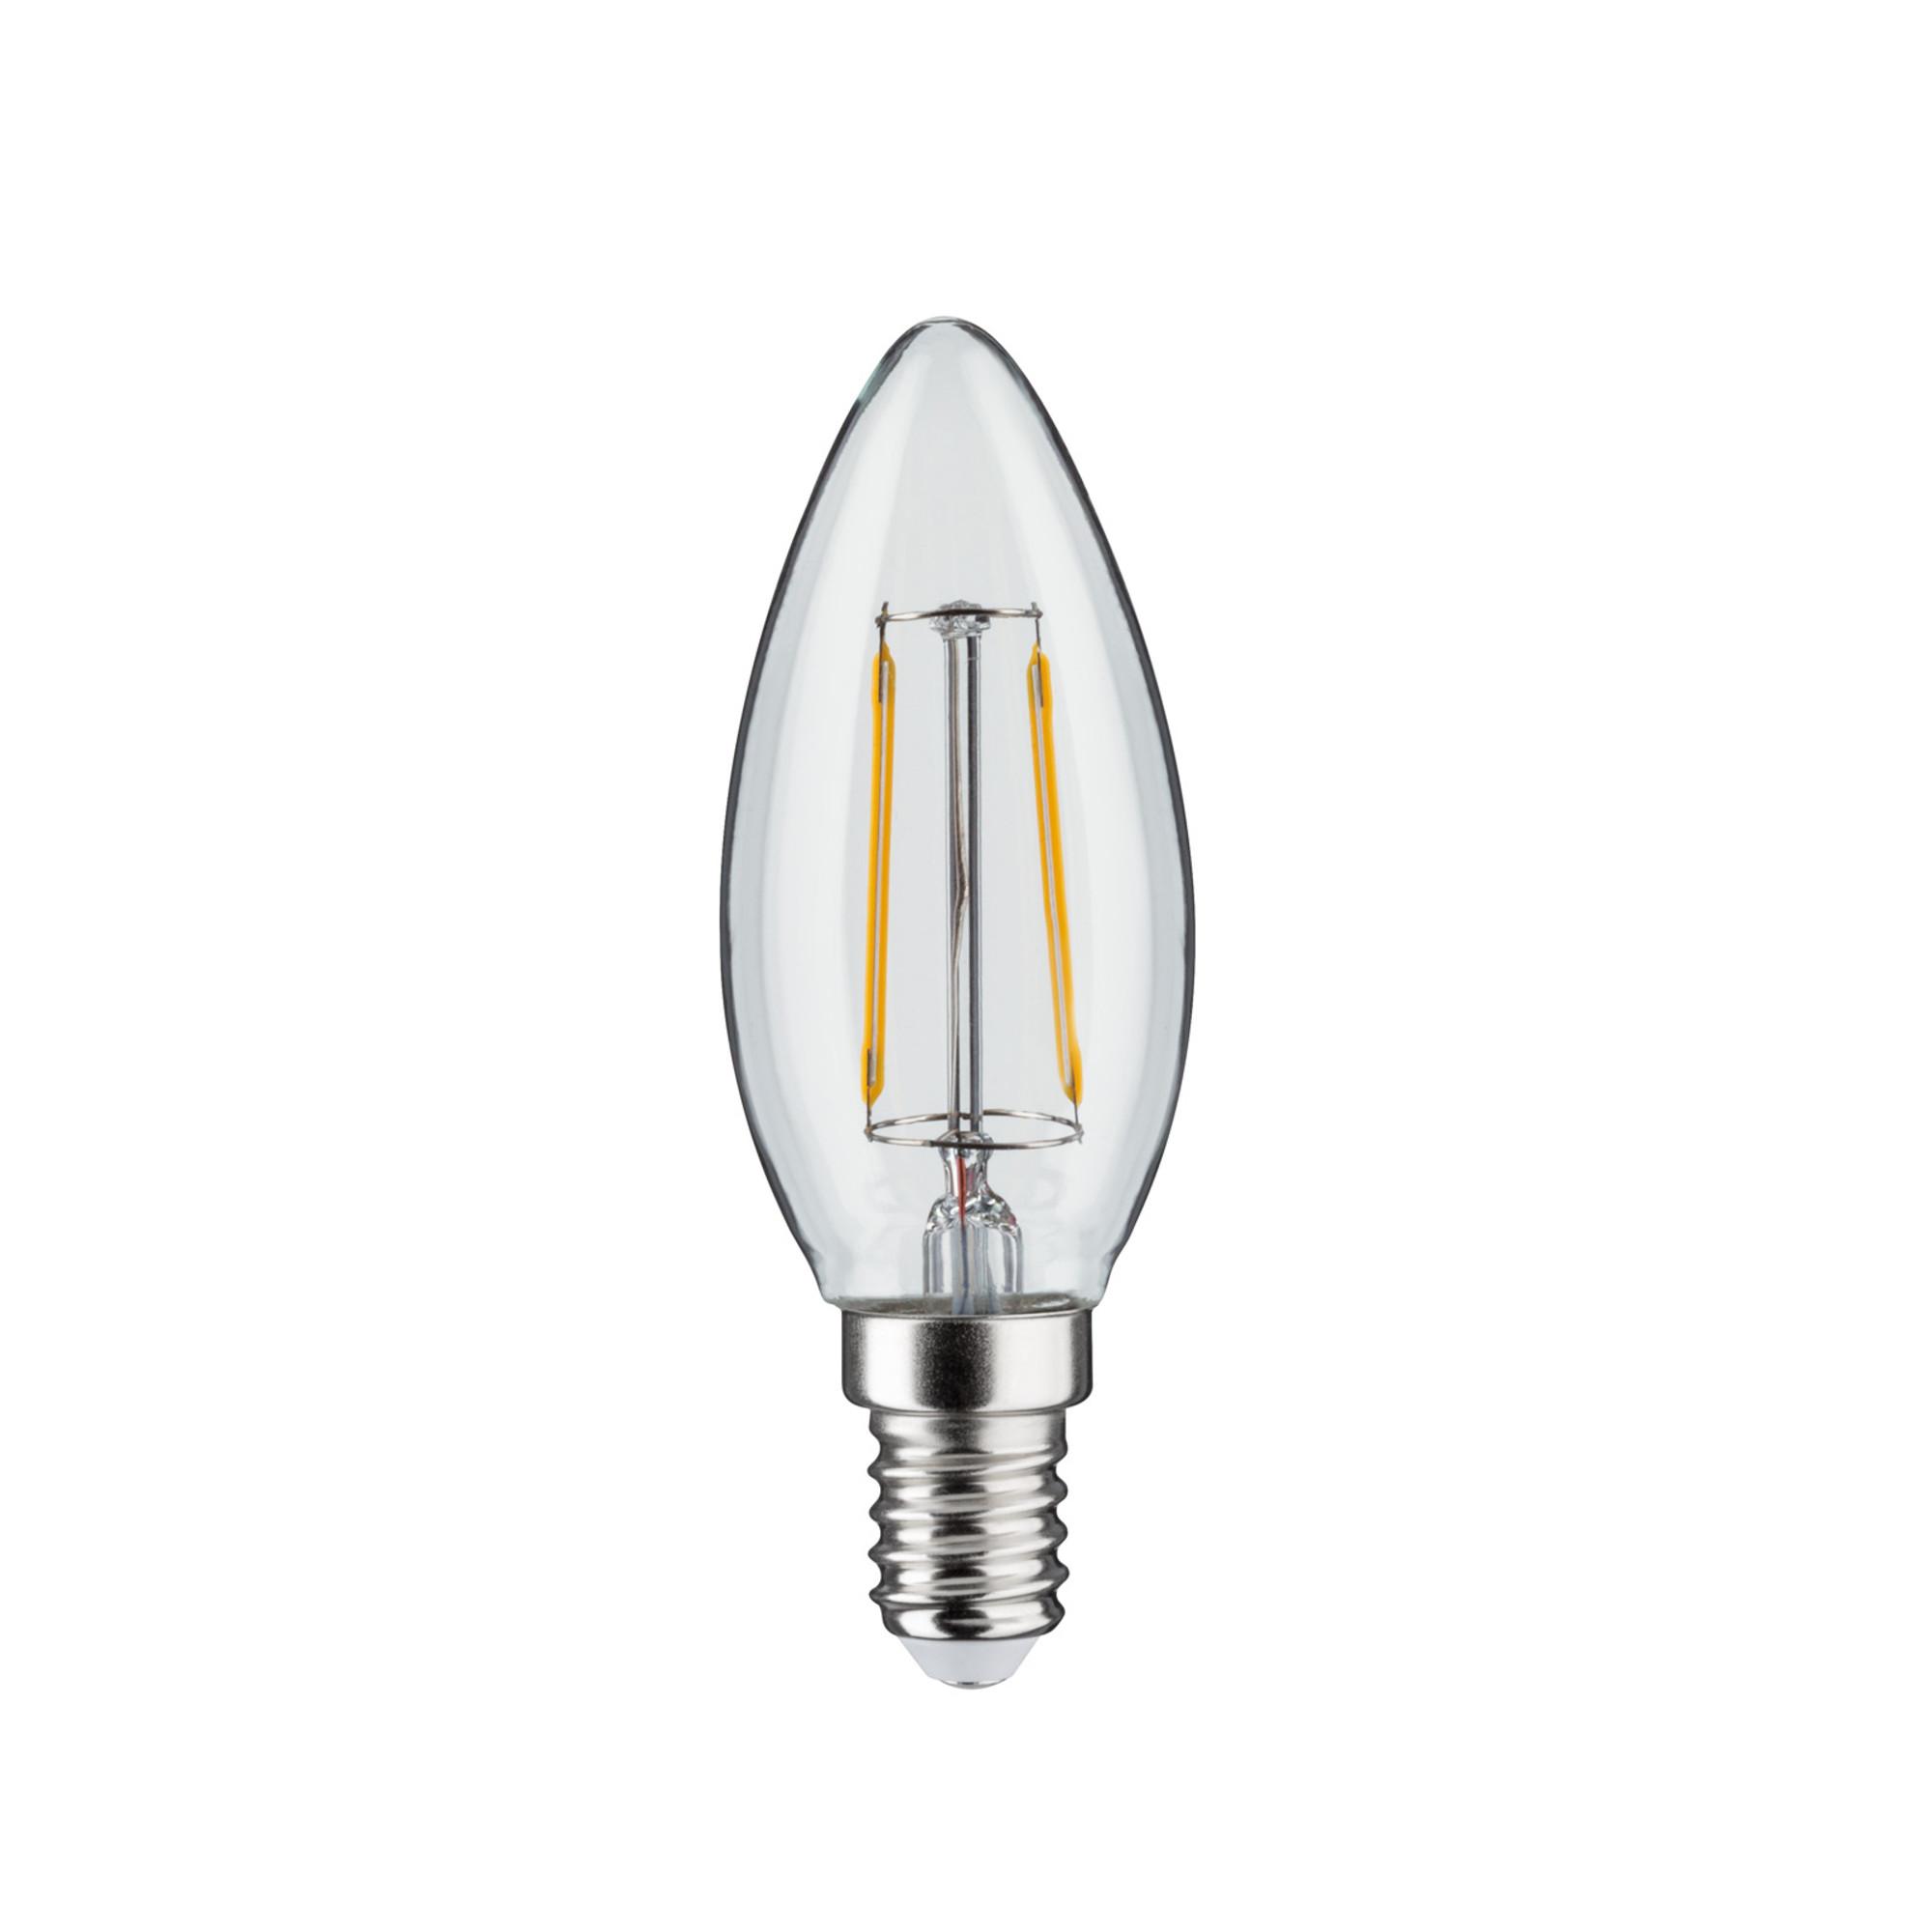 Лампа филаментная Paulmann Ретро Свеча 4.5Вт 470лм 2700К Е14 230В Прозрачный Регулируемая яркость 28494.